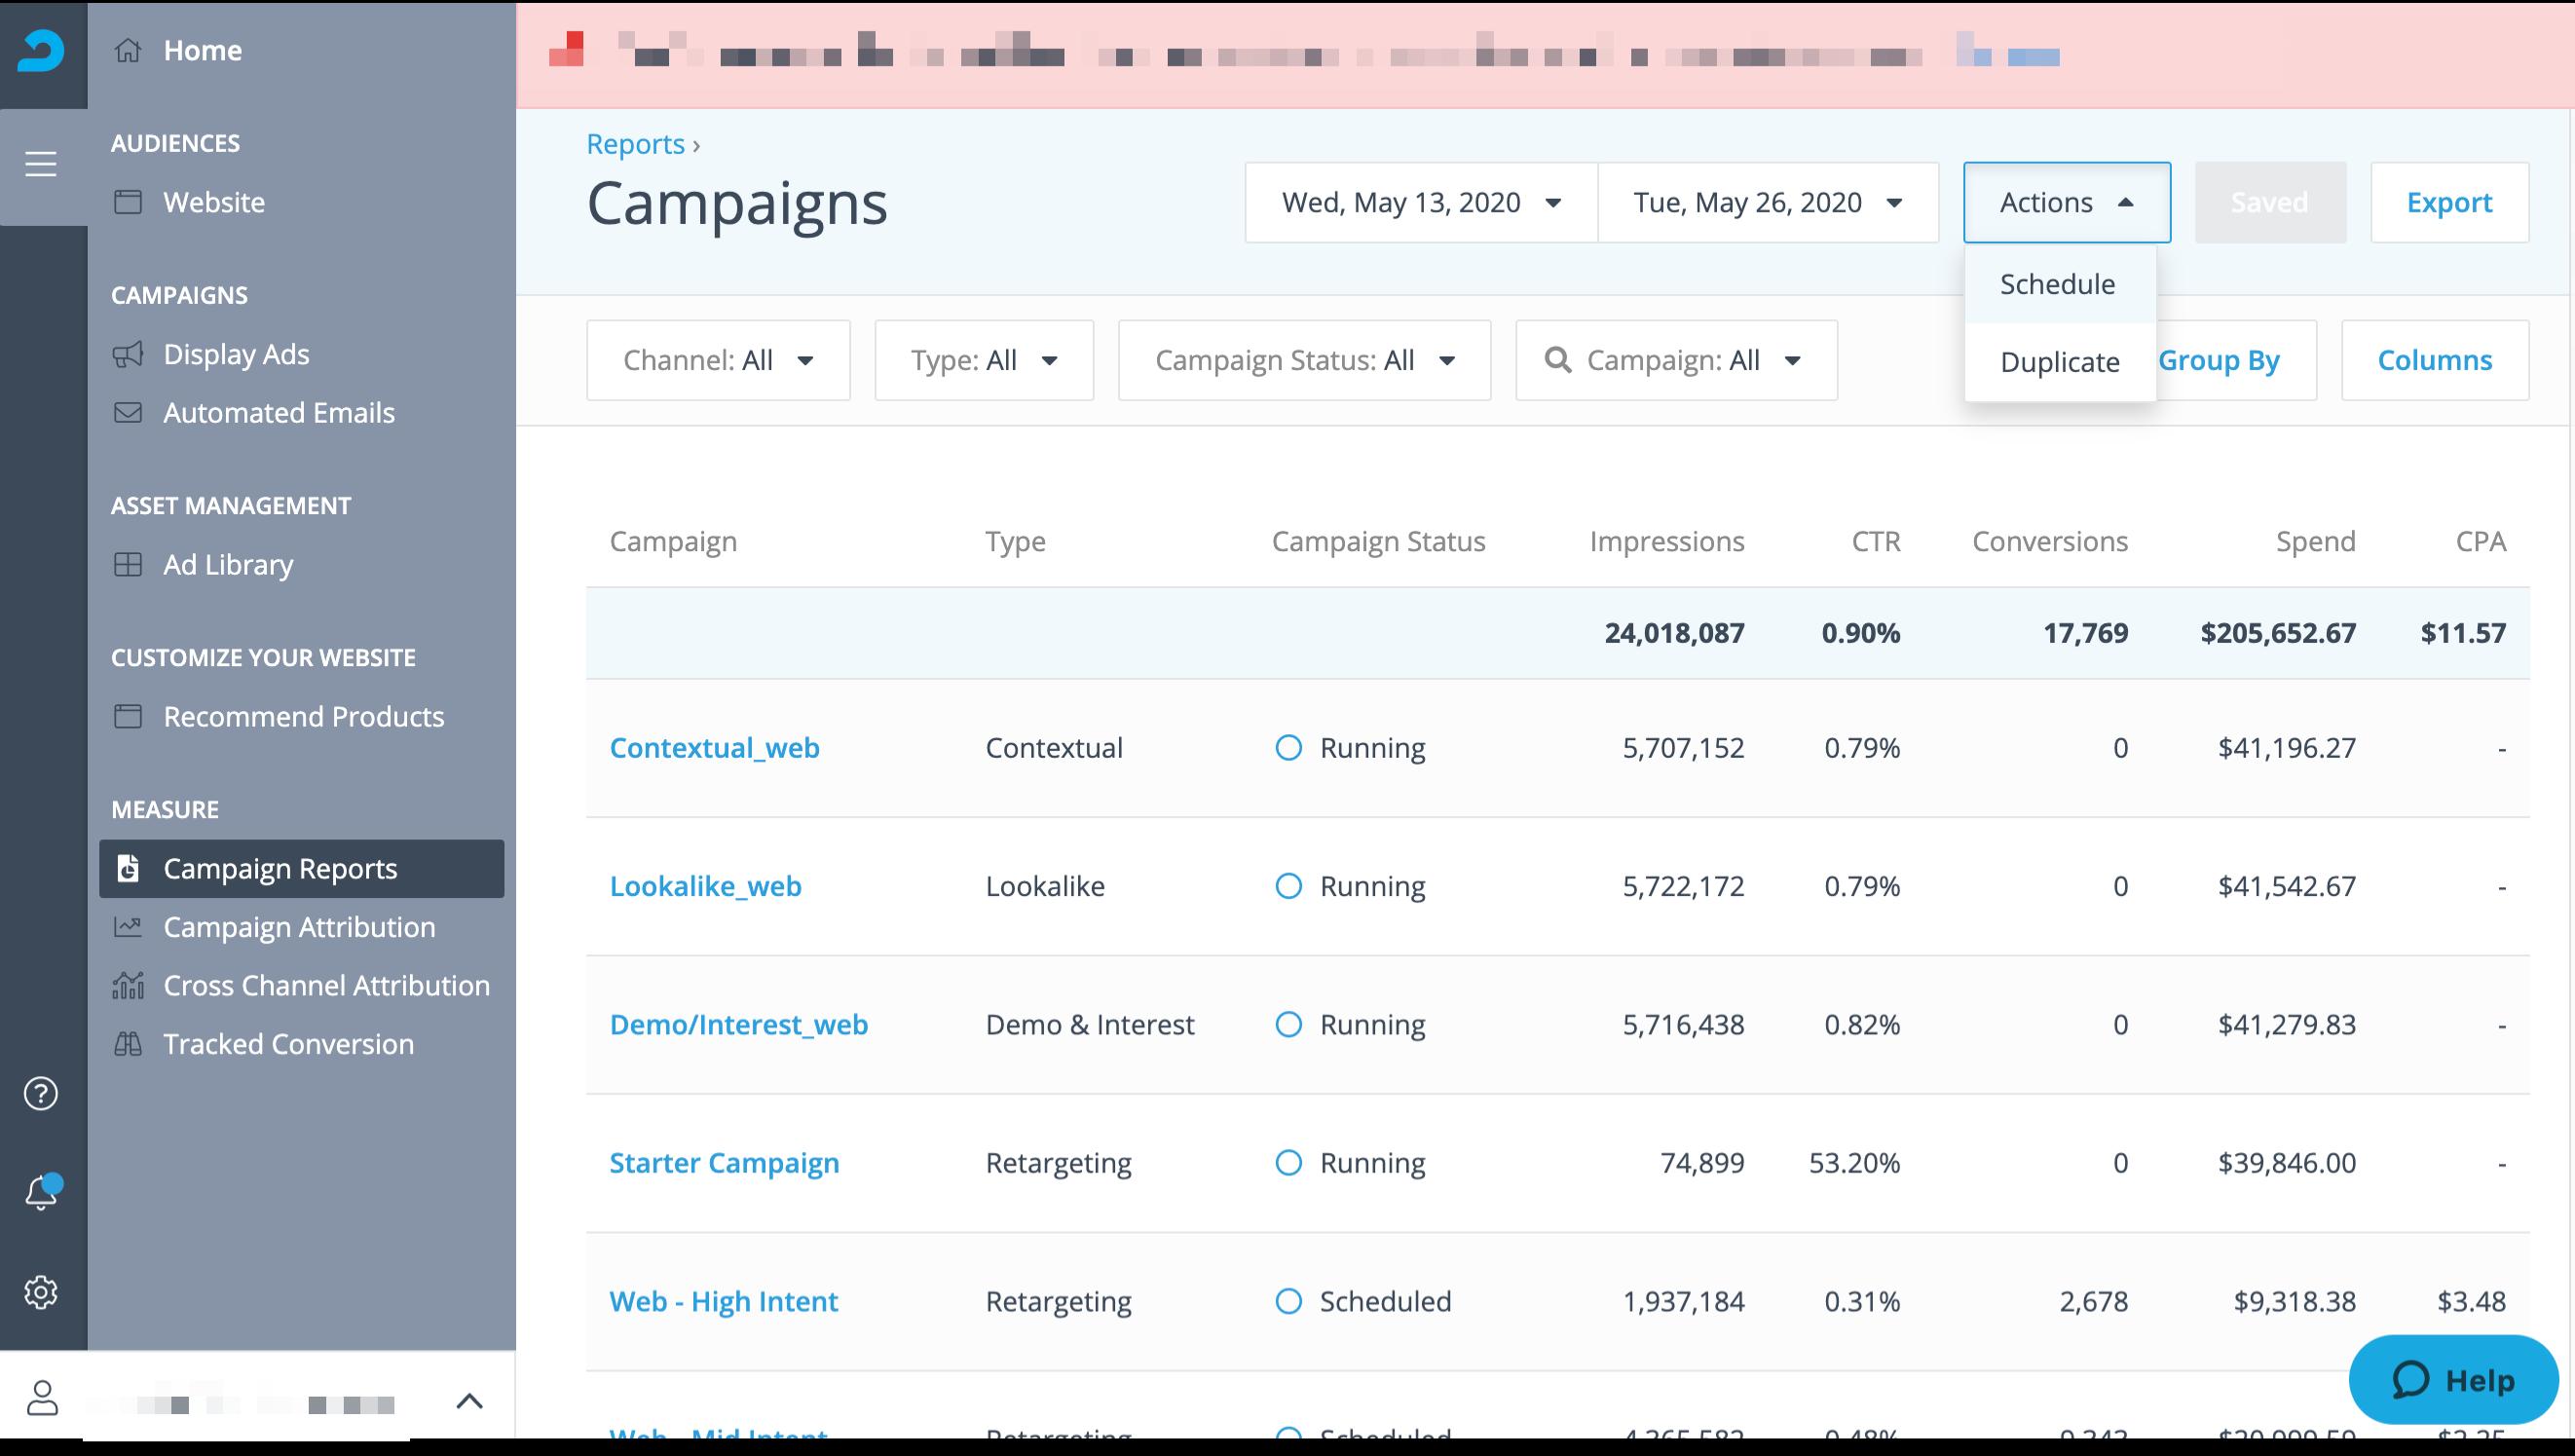 campaignreports.png